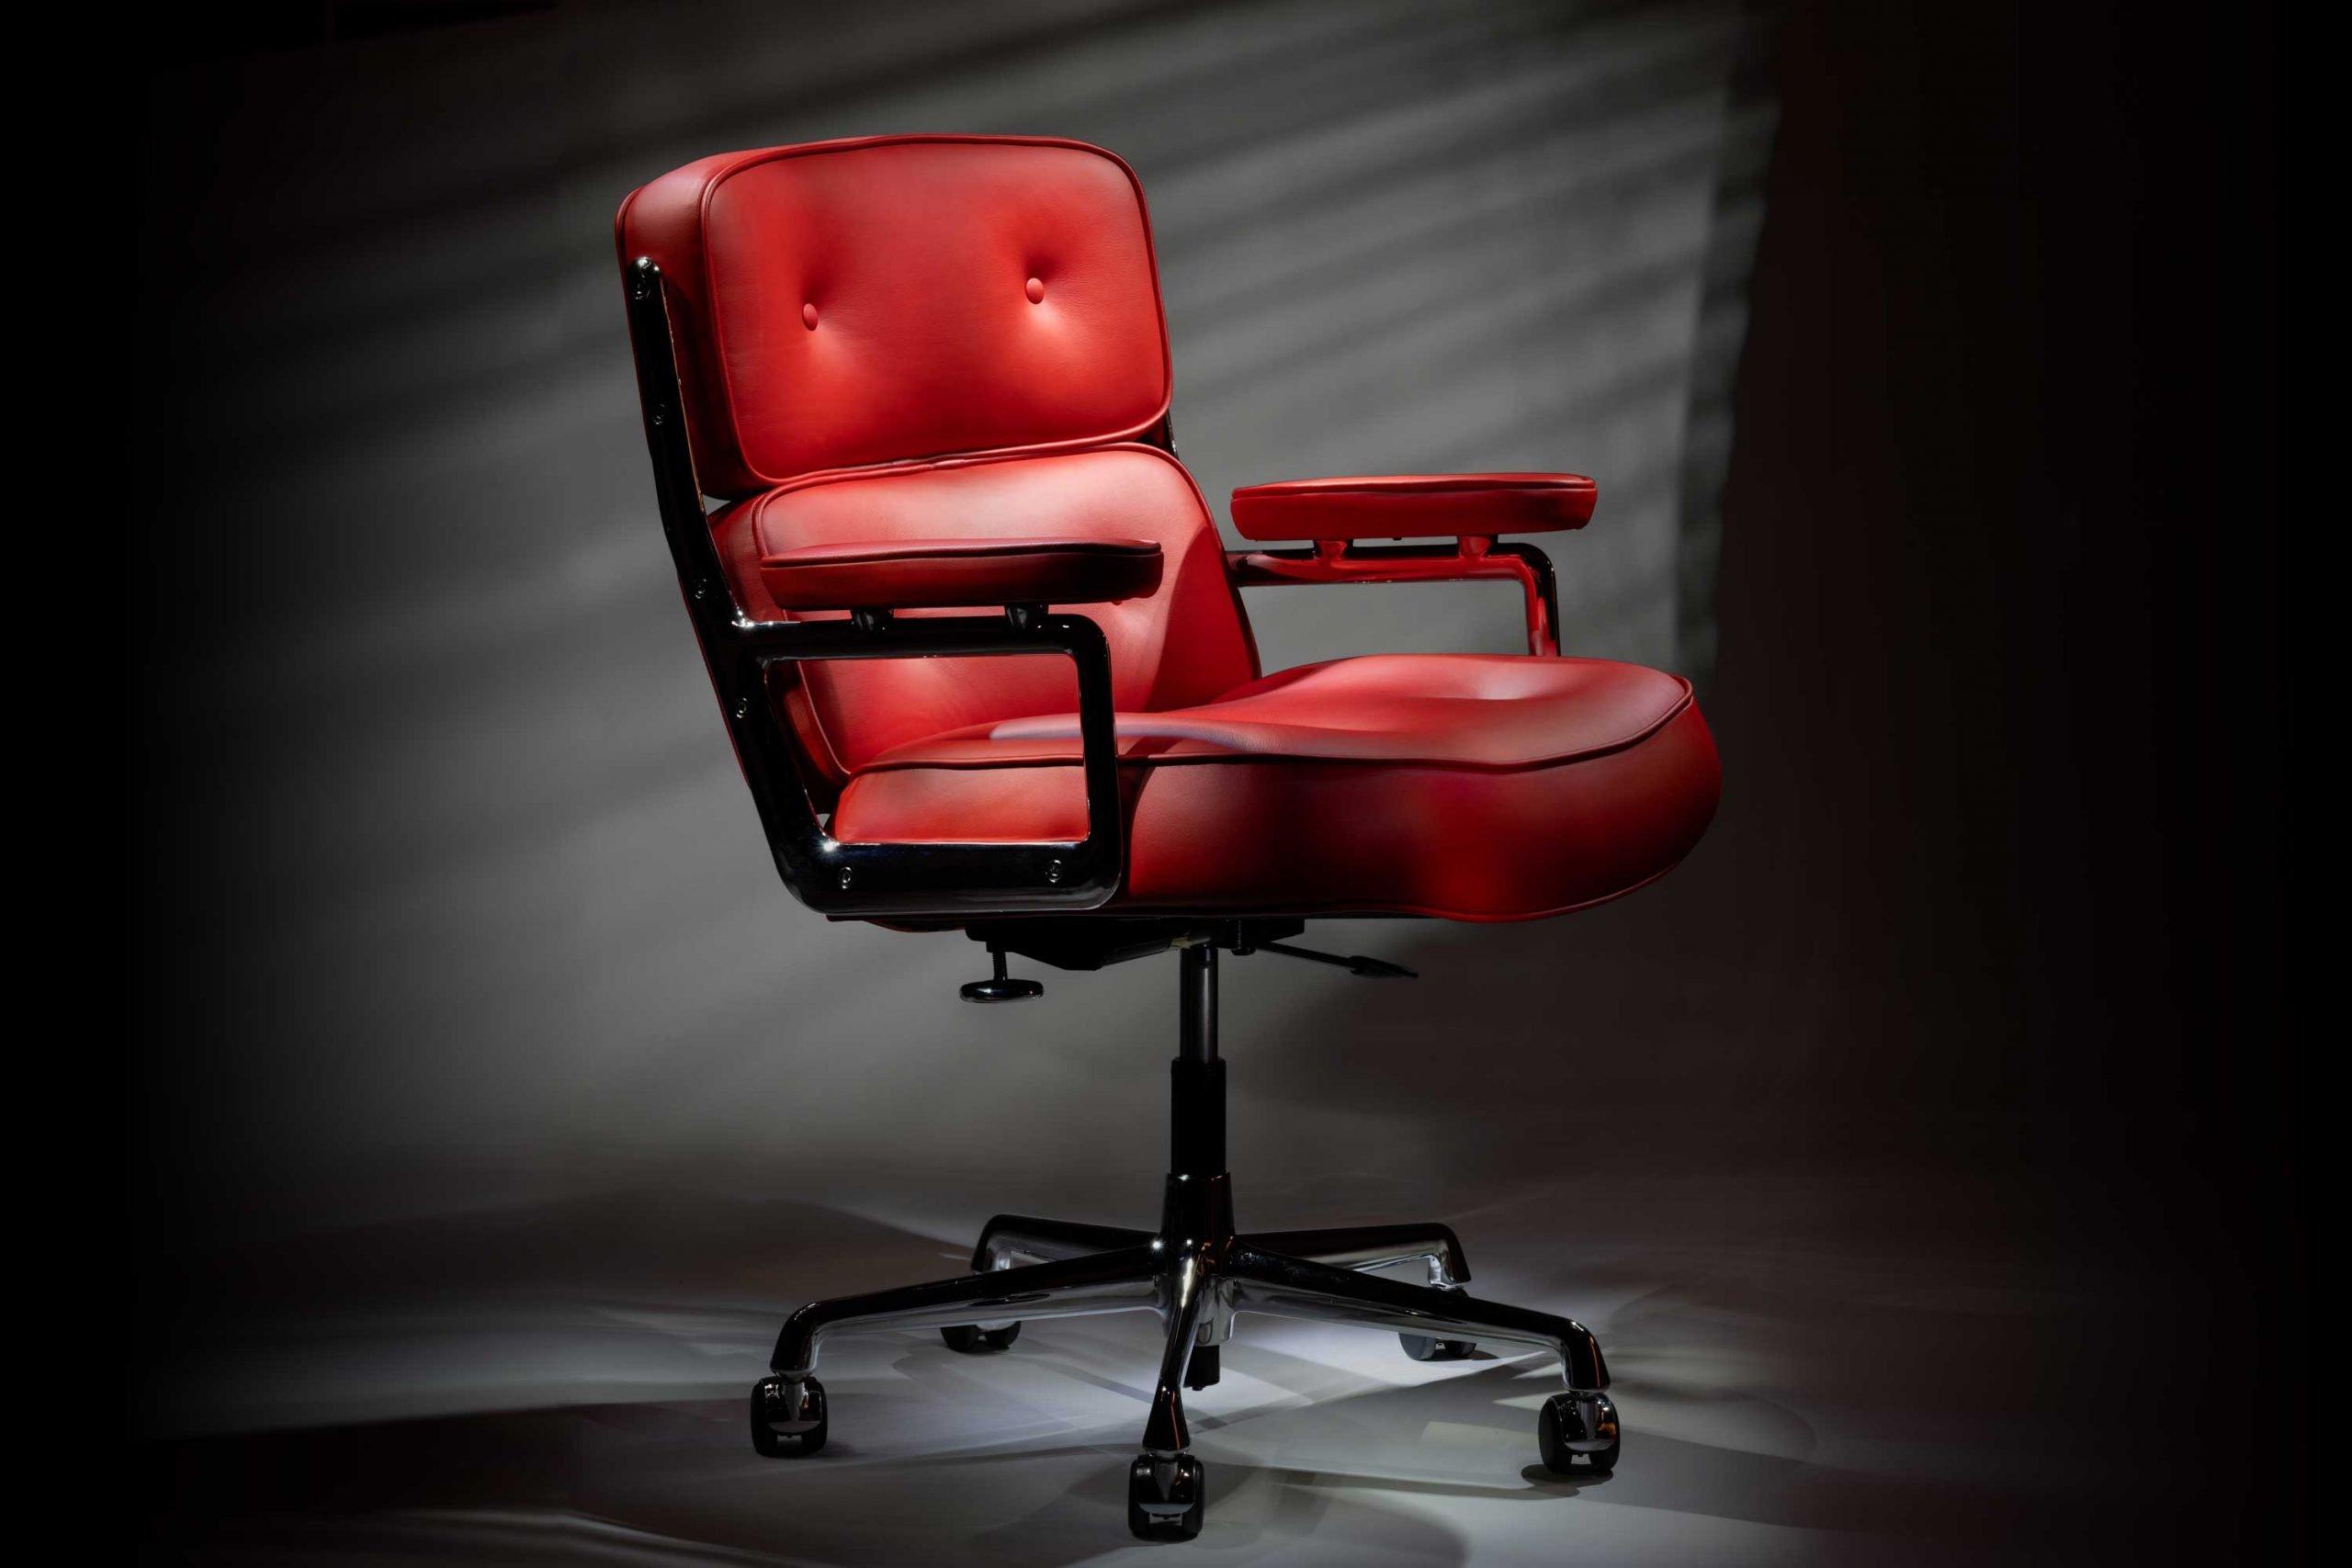 The Vitra Eames es104 1970s Lobby Chair